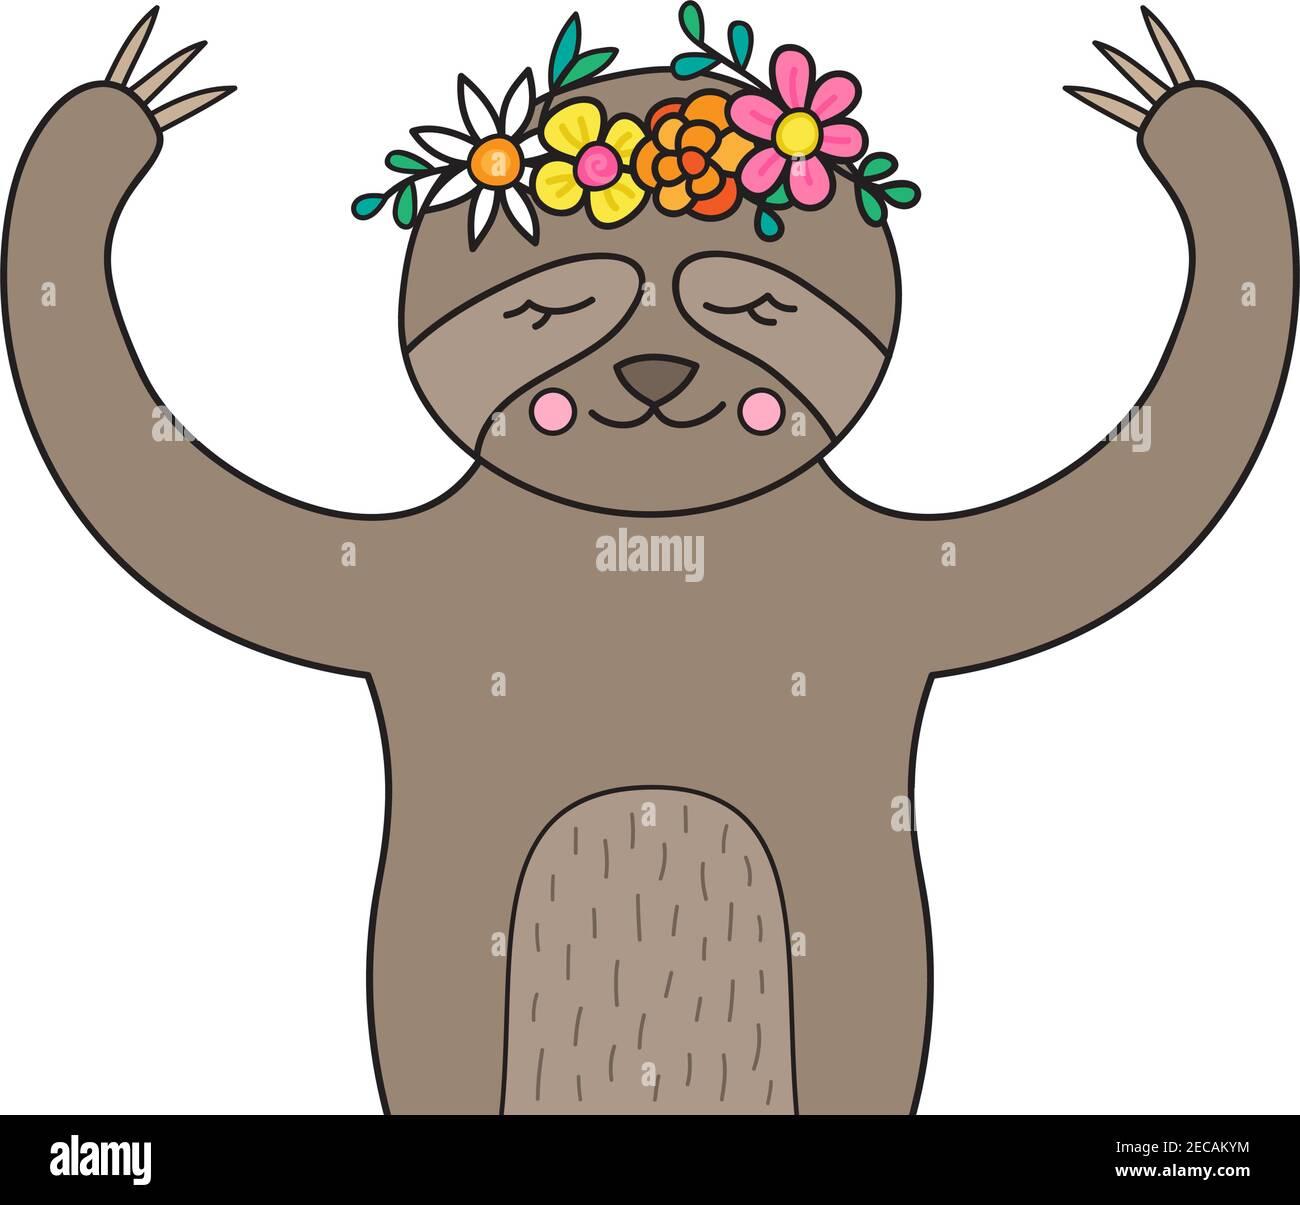 Linda ilustración de vector perezoso. Dibujado a mano bosquejado animal perezoso con corona de flores en la cabeza. Aislado. Ilustración del Vector